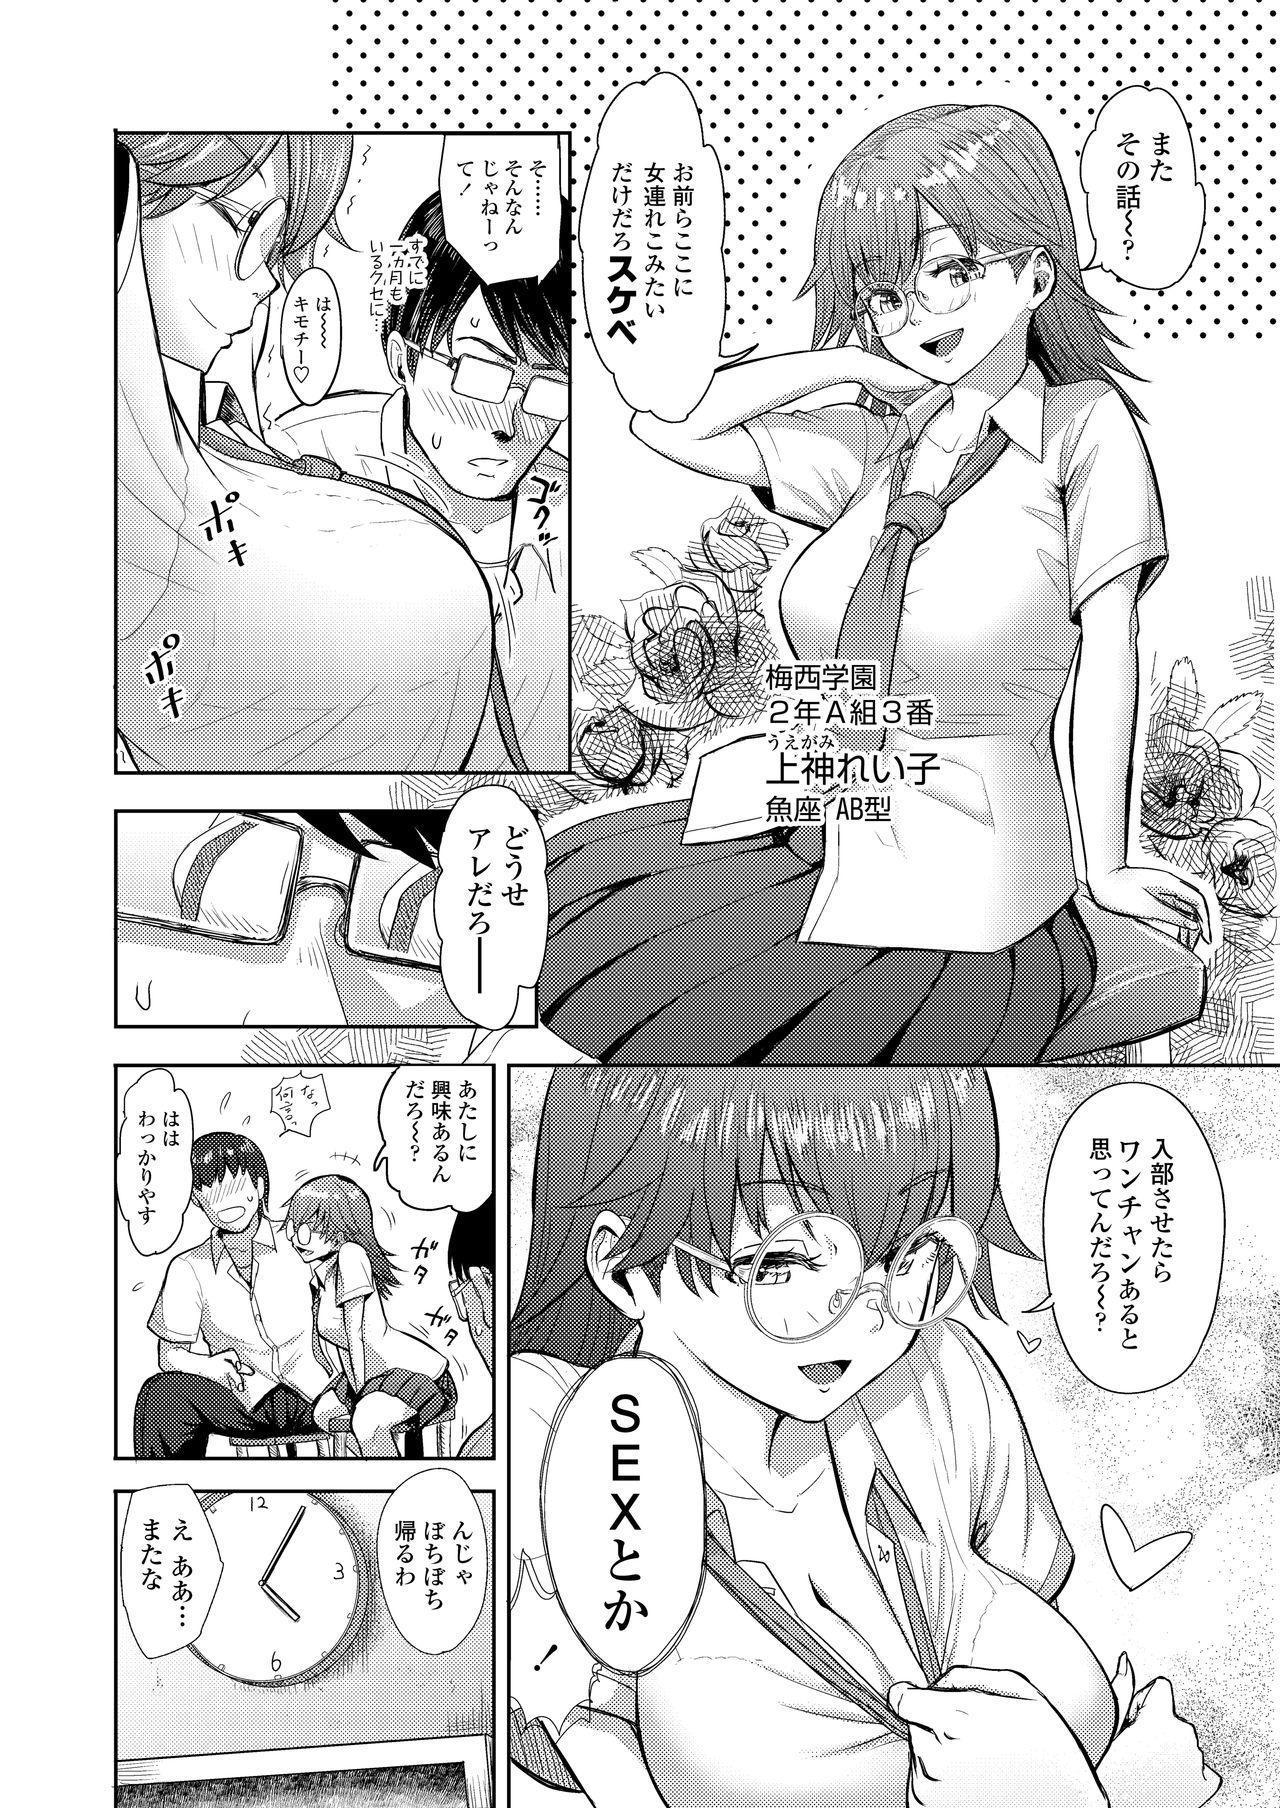 COMIC AOHA 2021 Natsu 125